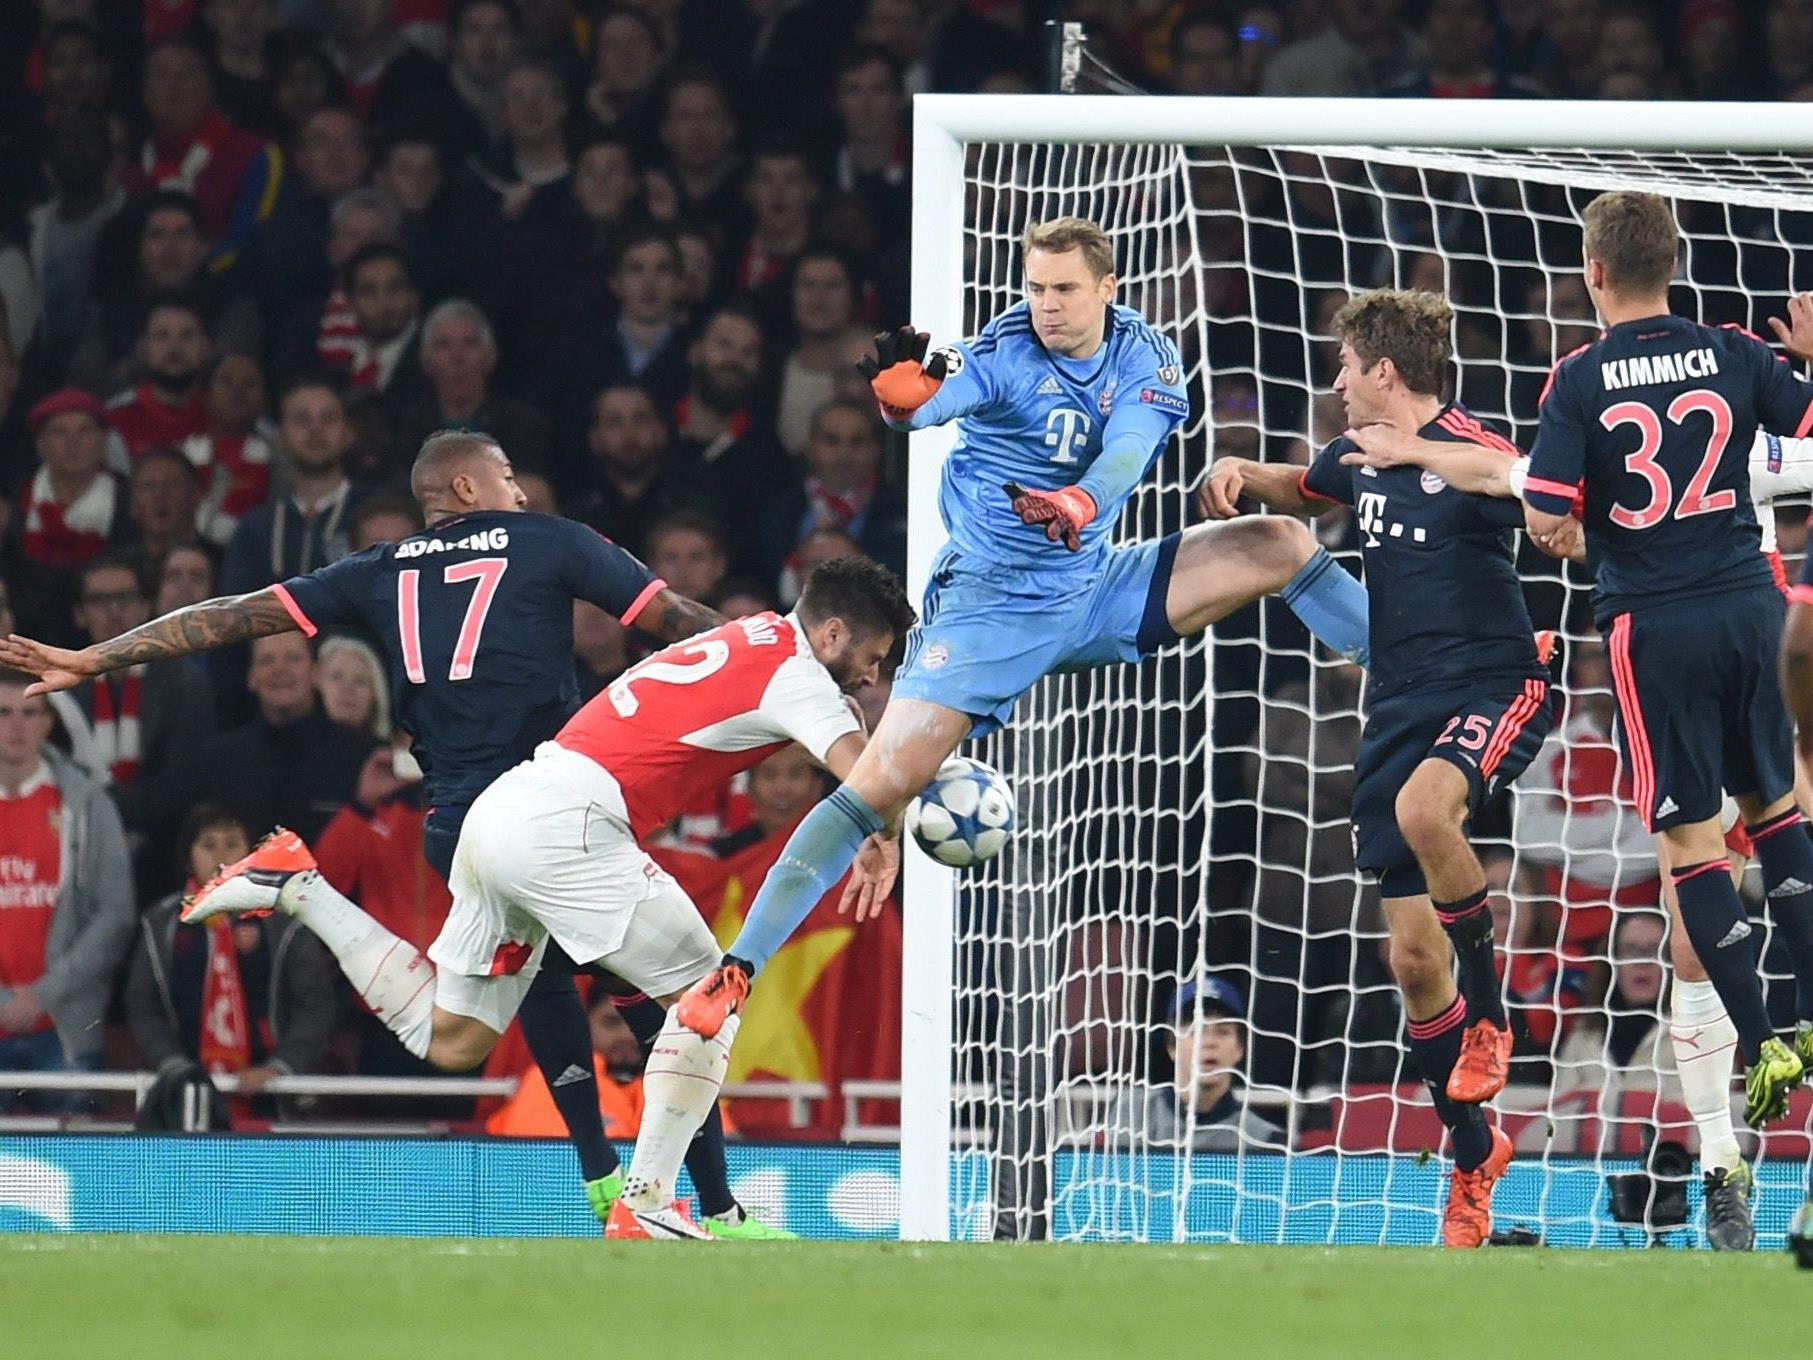 Welttorhüter Manuel Neuer patzte.